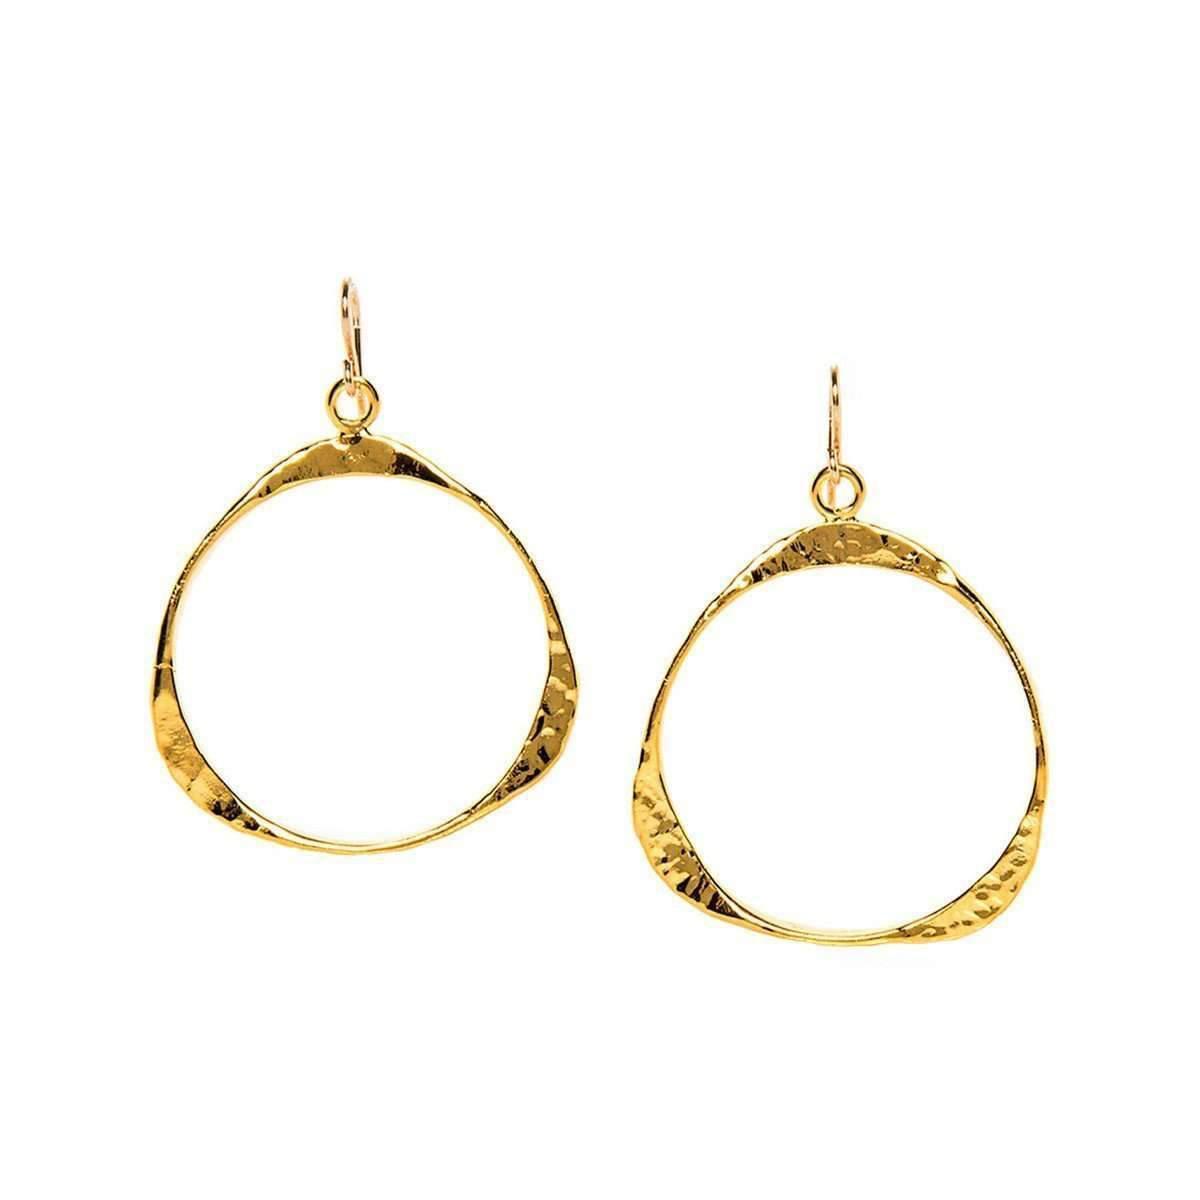 Devon Leigh Hammered Chain Drop Earrings n2uStUas